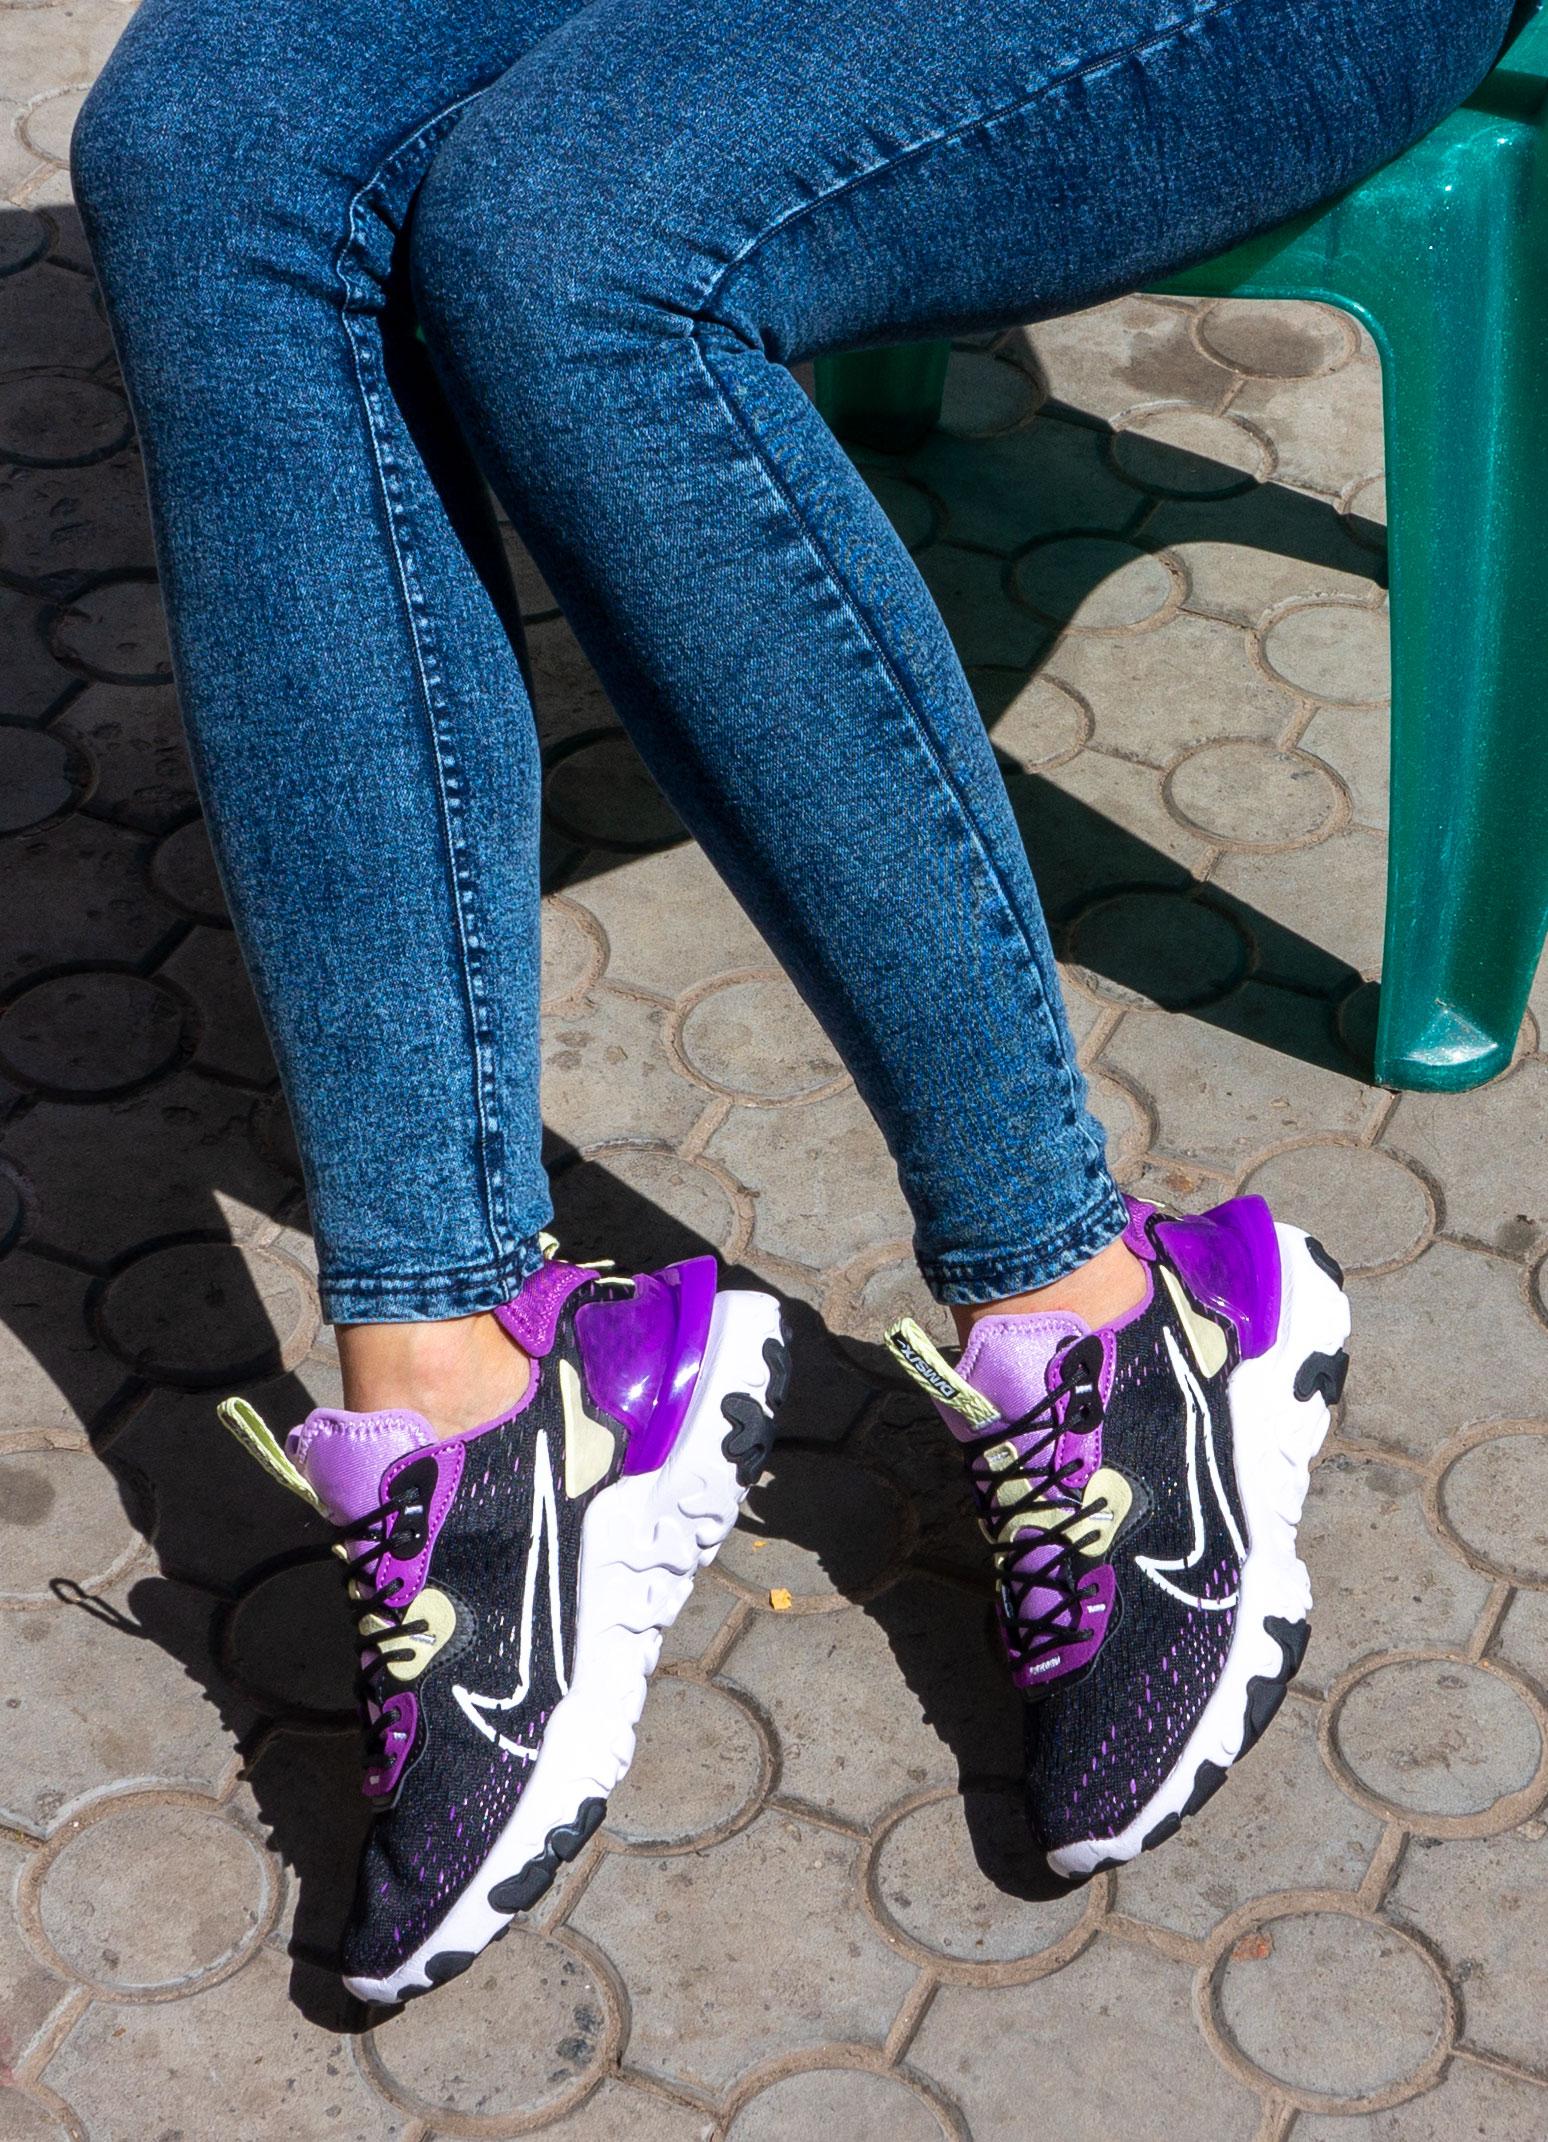 фото - Женские кроссовки Nike React Vision DimSix черные с фиолетовым. Топ качество! на ноге.